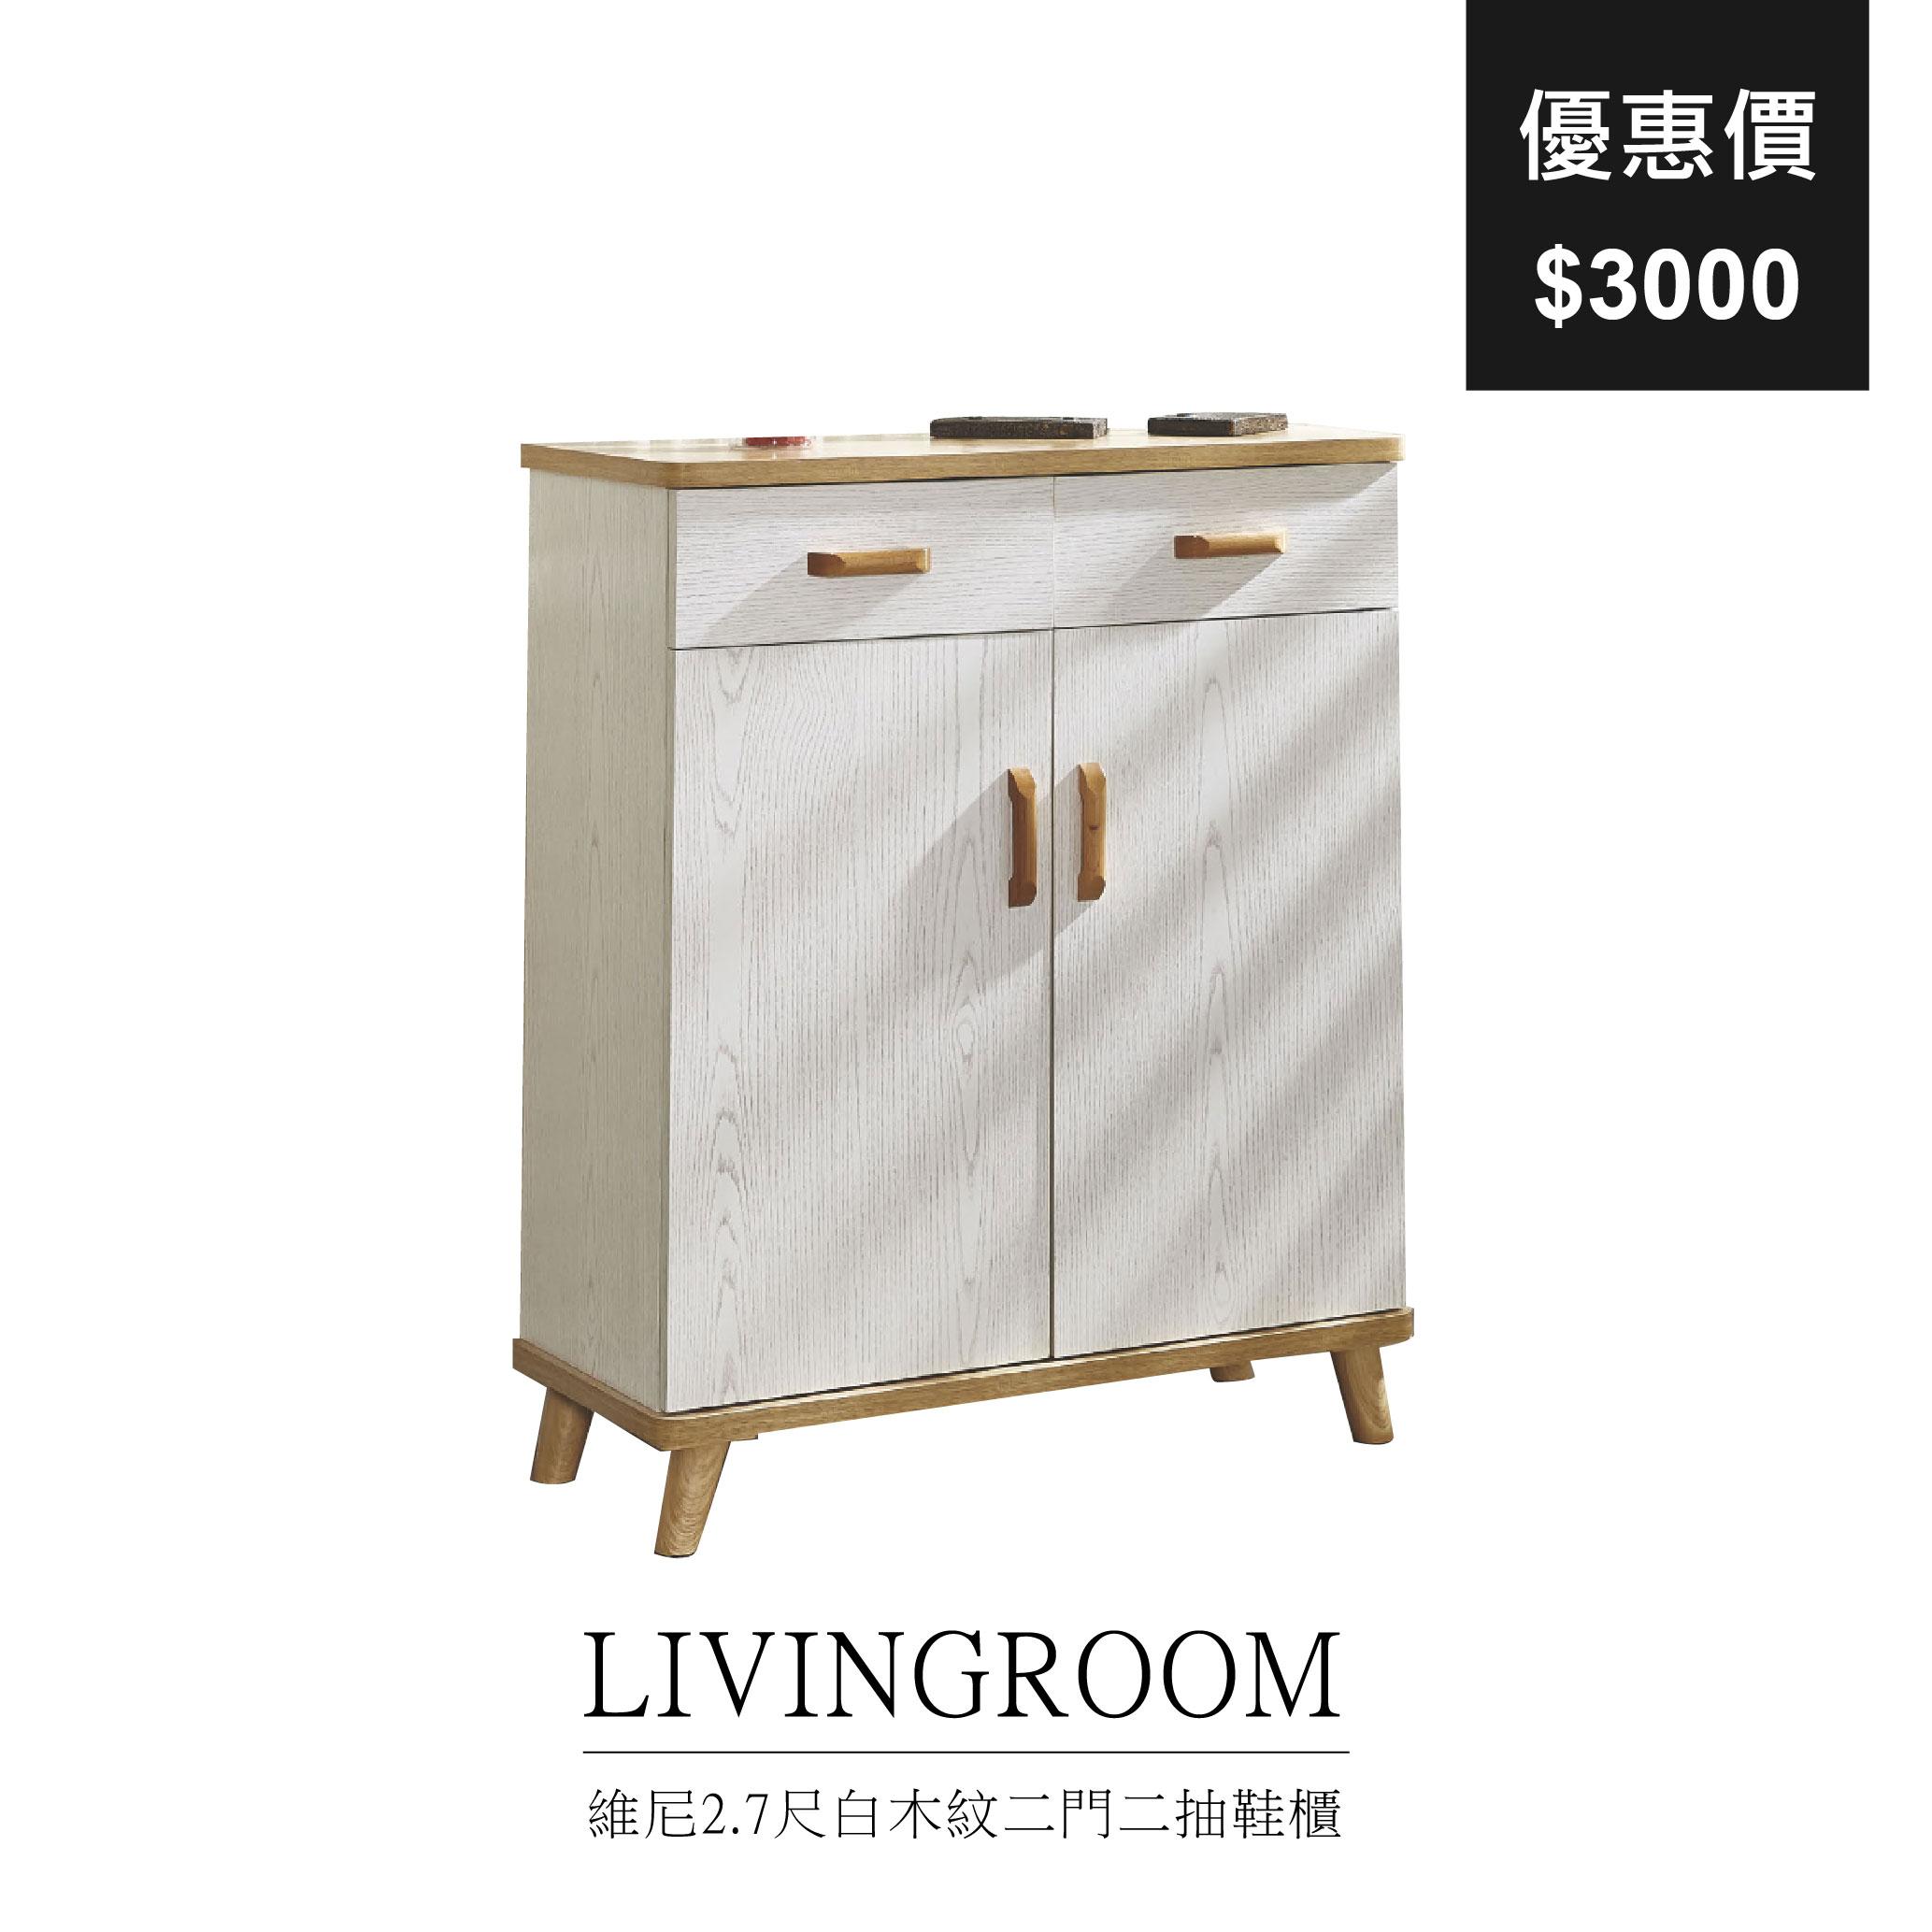 維尼2.7尺白木紋二門二抽鞋櫃